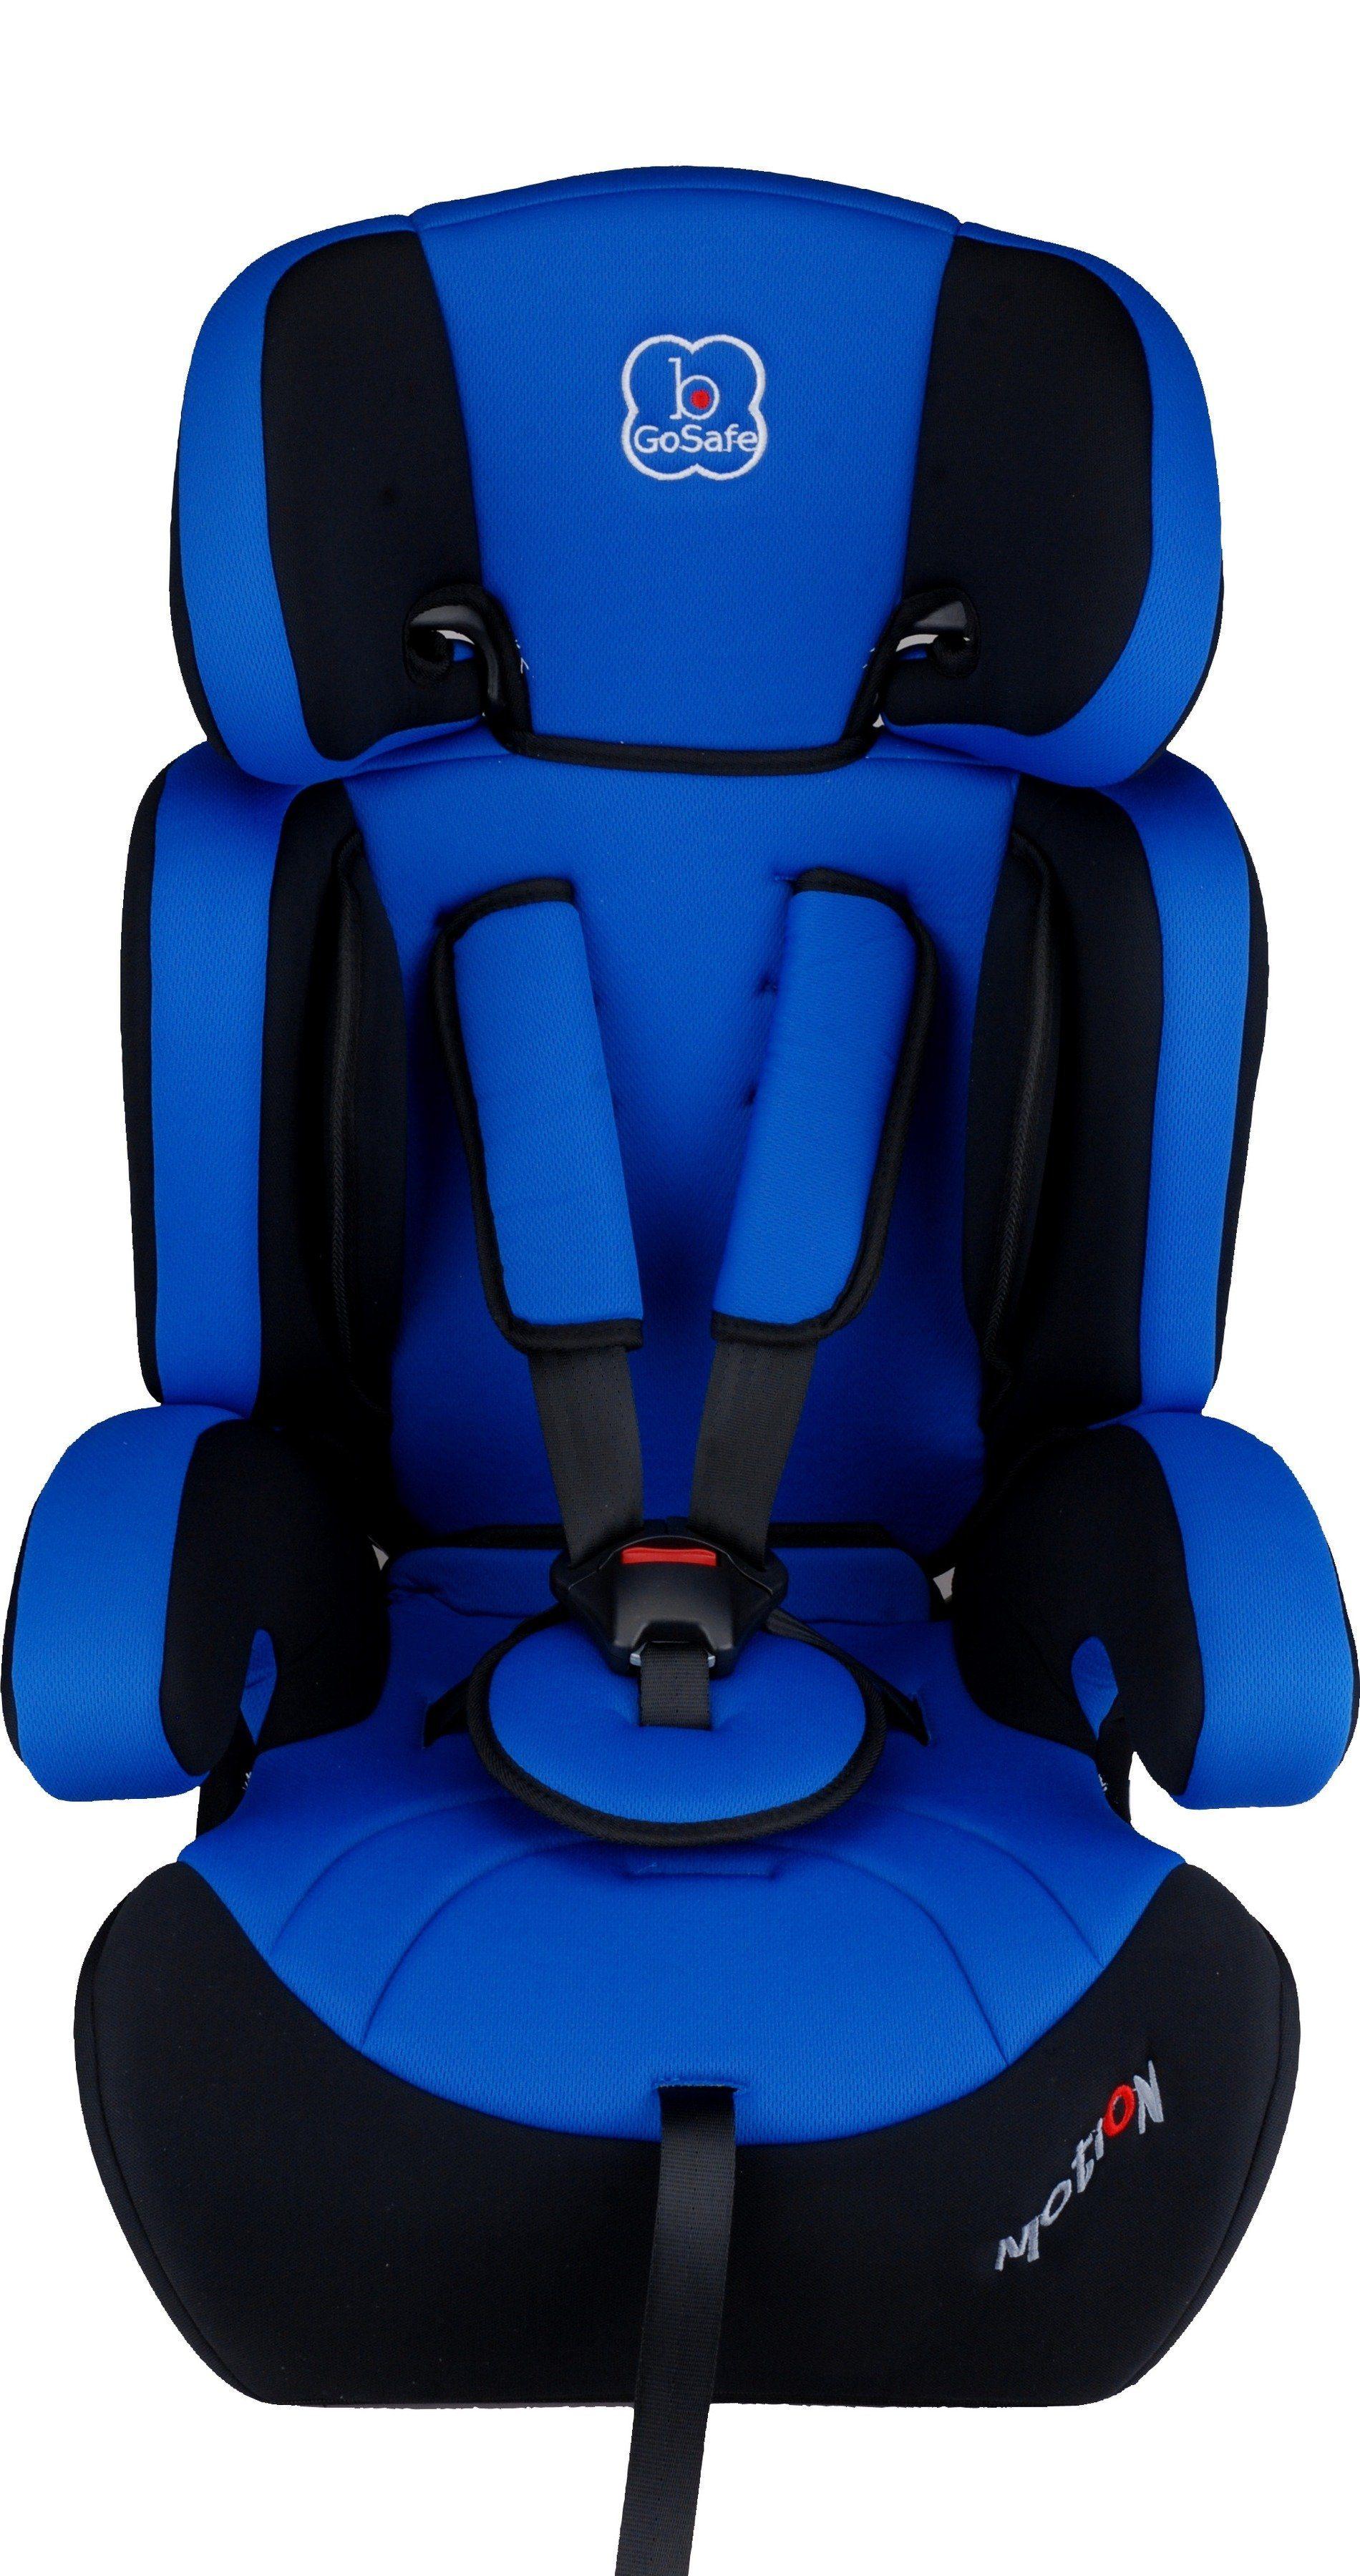 Kindersitz »Motion«, 9 - 36 kg, Energie-absorbierende Kopfpolsterung